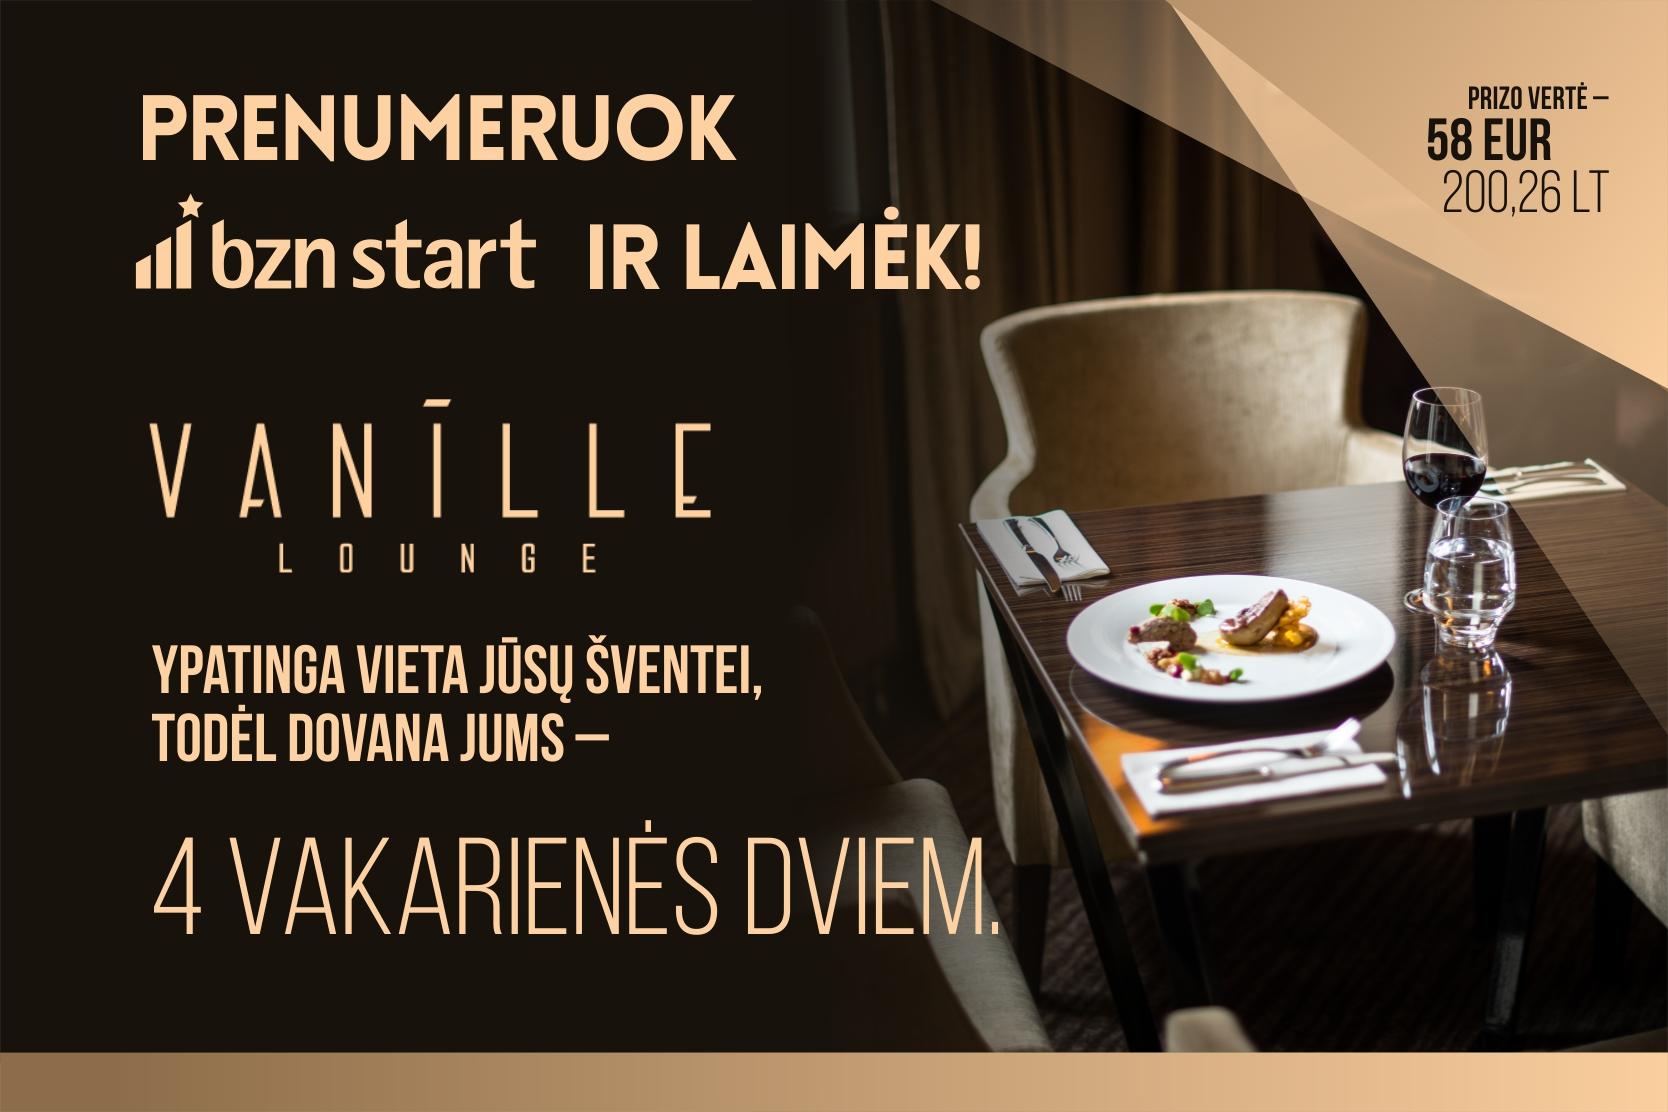 """Tapkite """"BZN start"""" draugais ir laimėkite ypatingą vakarą restorane """"VANILLE LOUNGE""""!"""